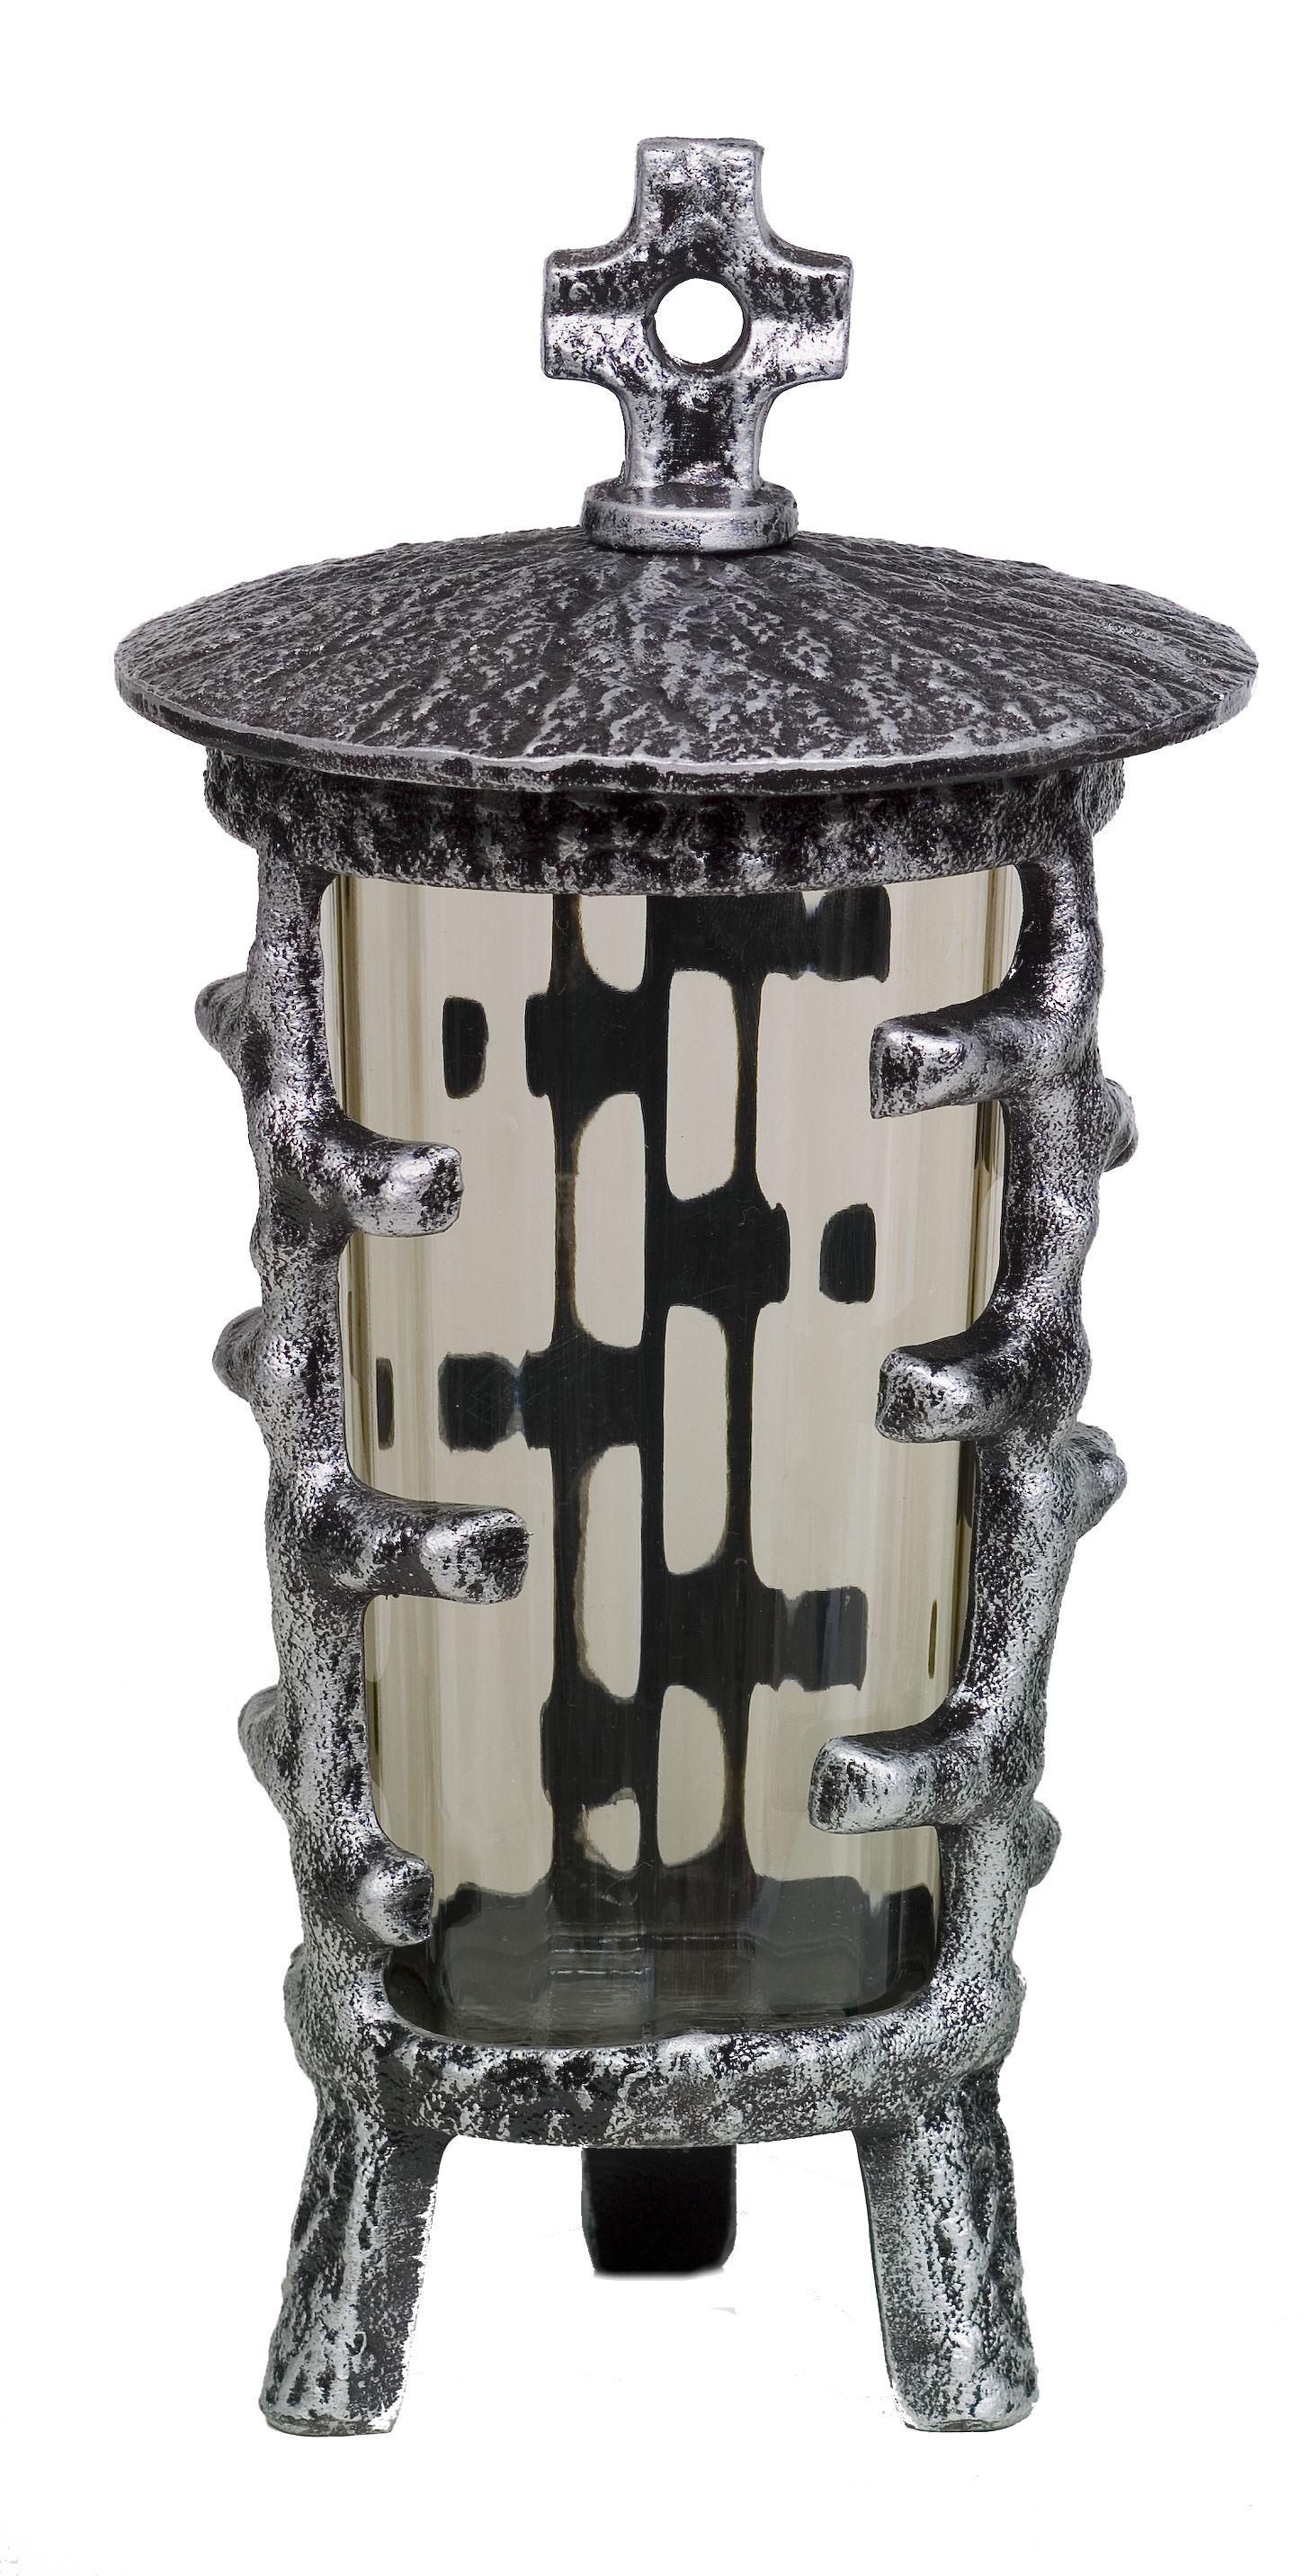 Grablampe 24121 rund mit Kunststoffeinsatz 27cm Bild 1